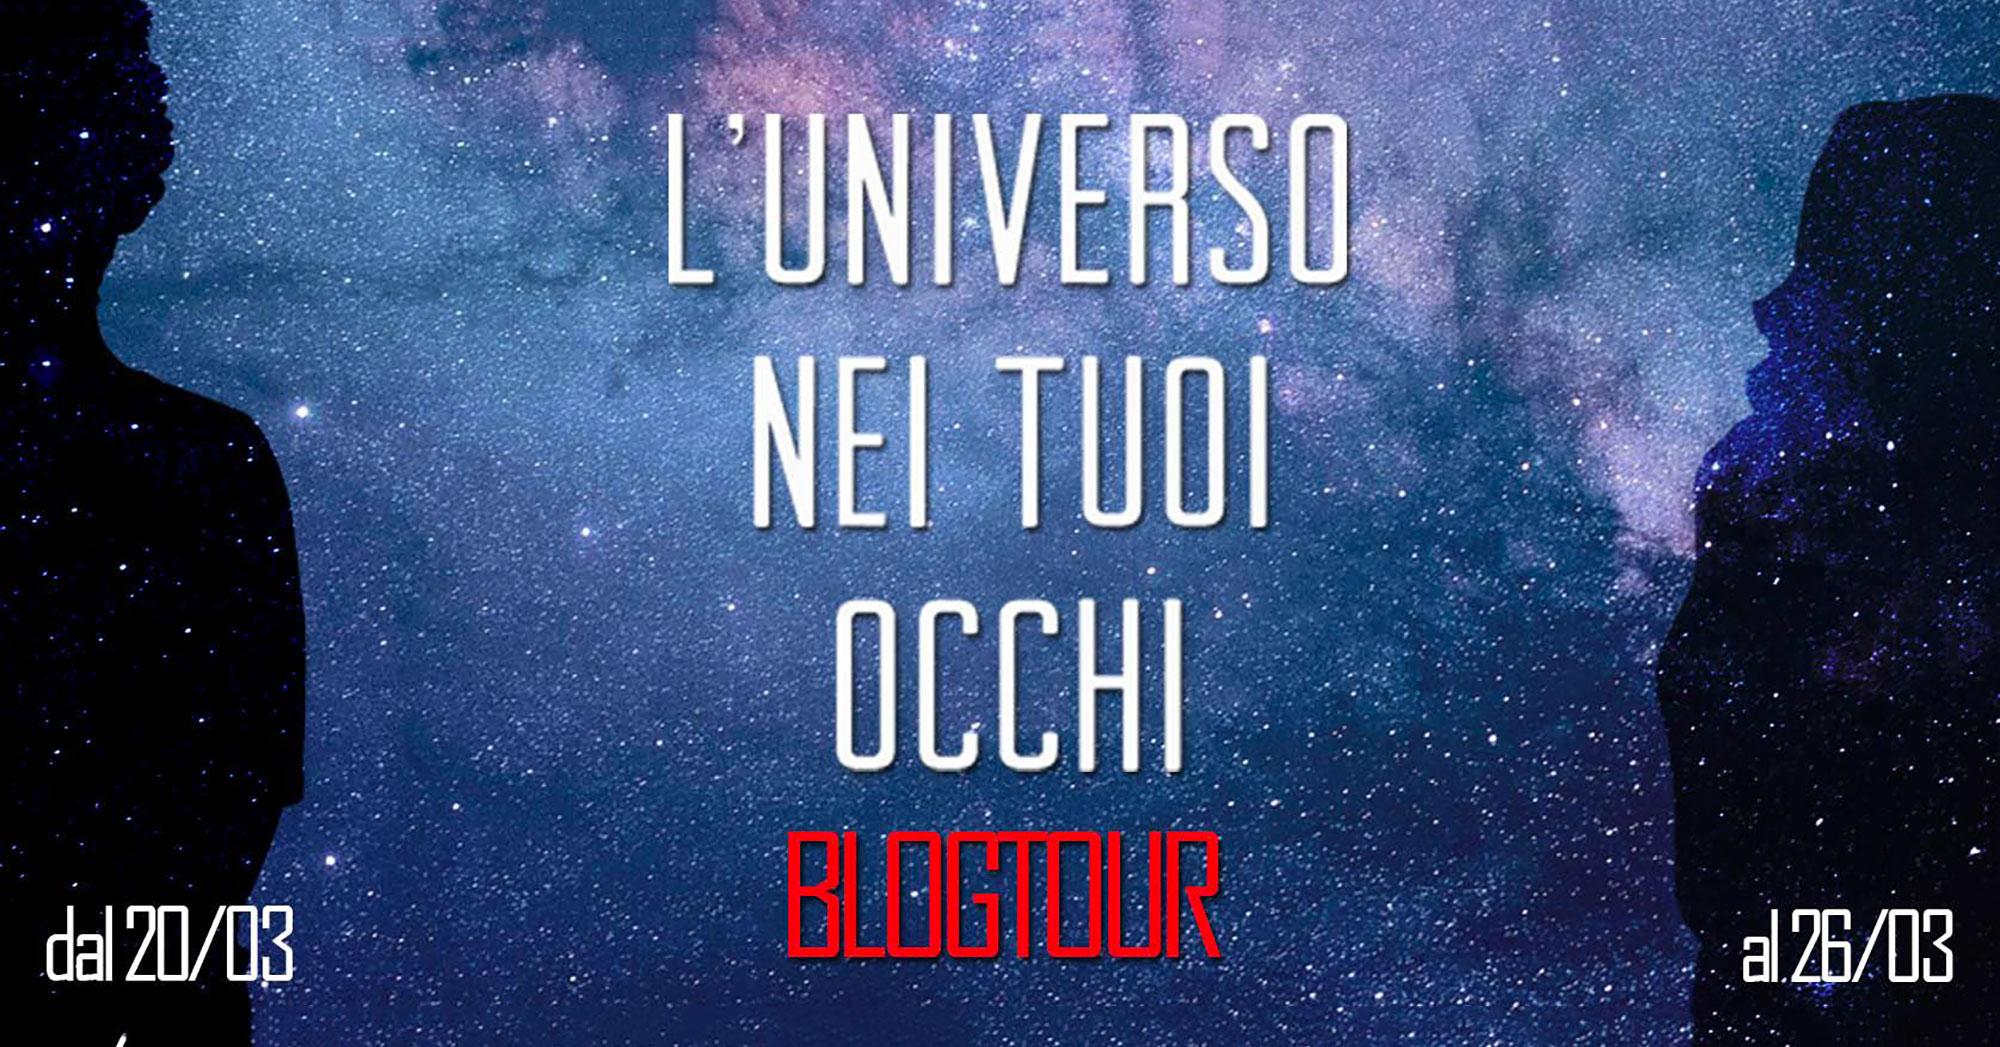 L'universo nei tuoi occhi